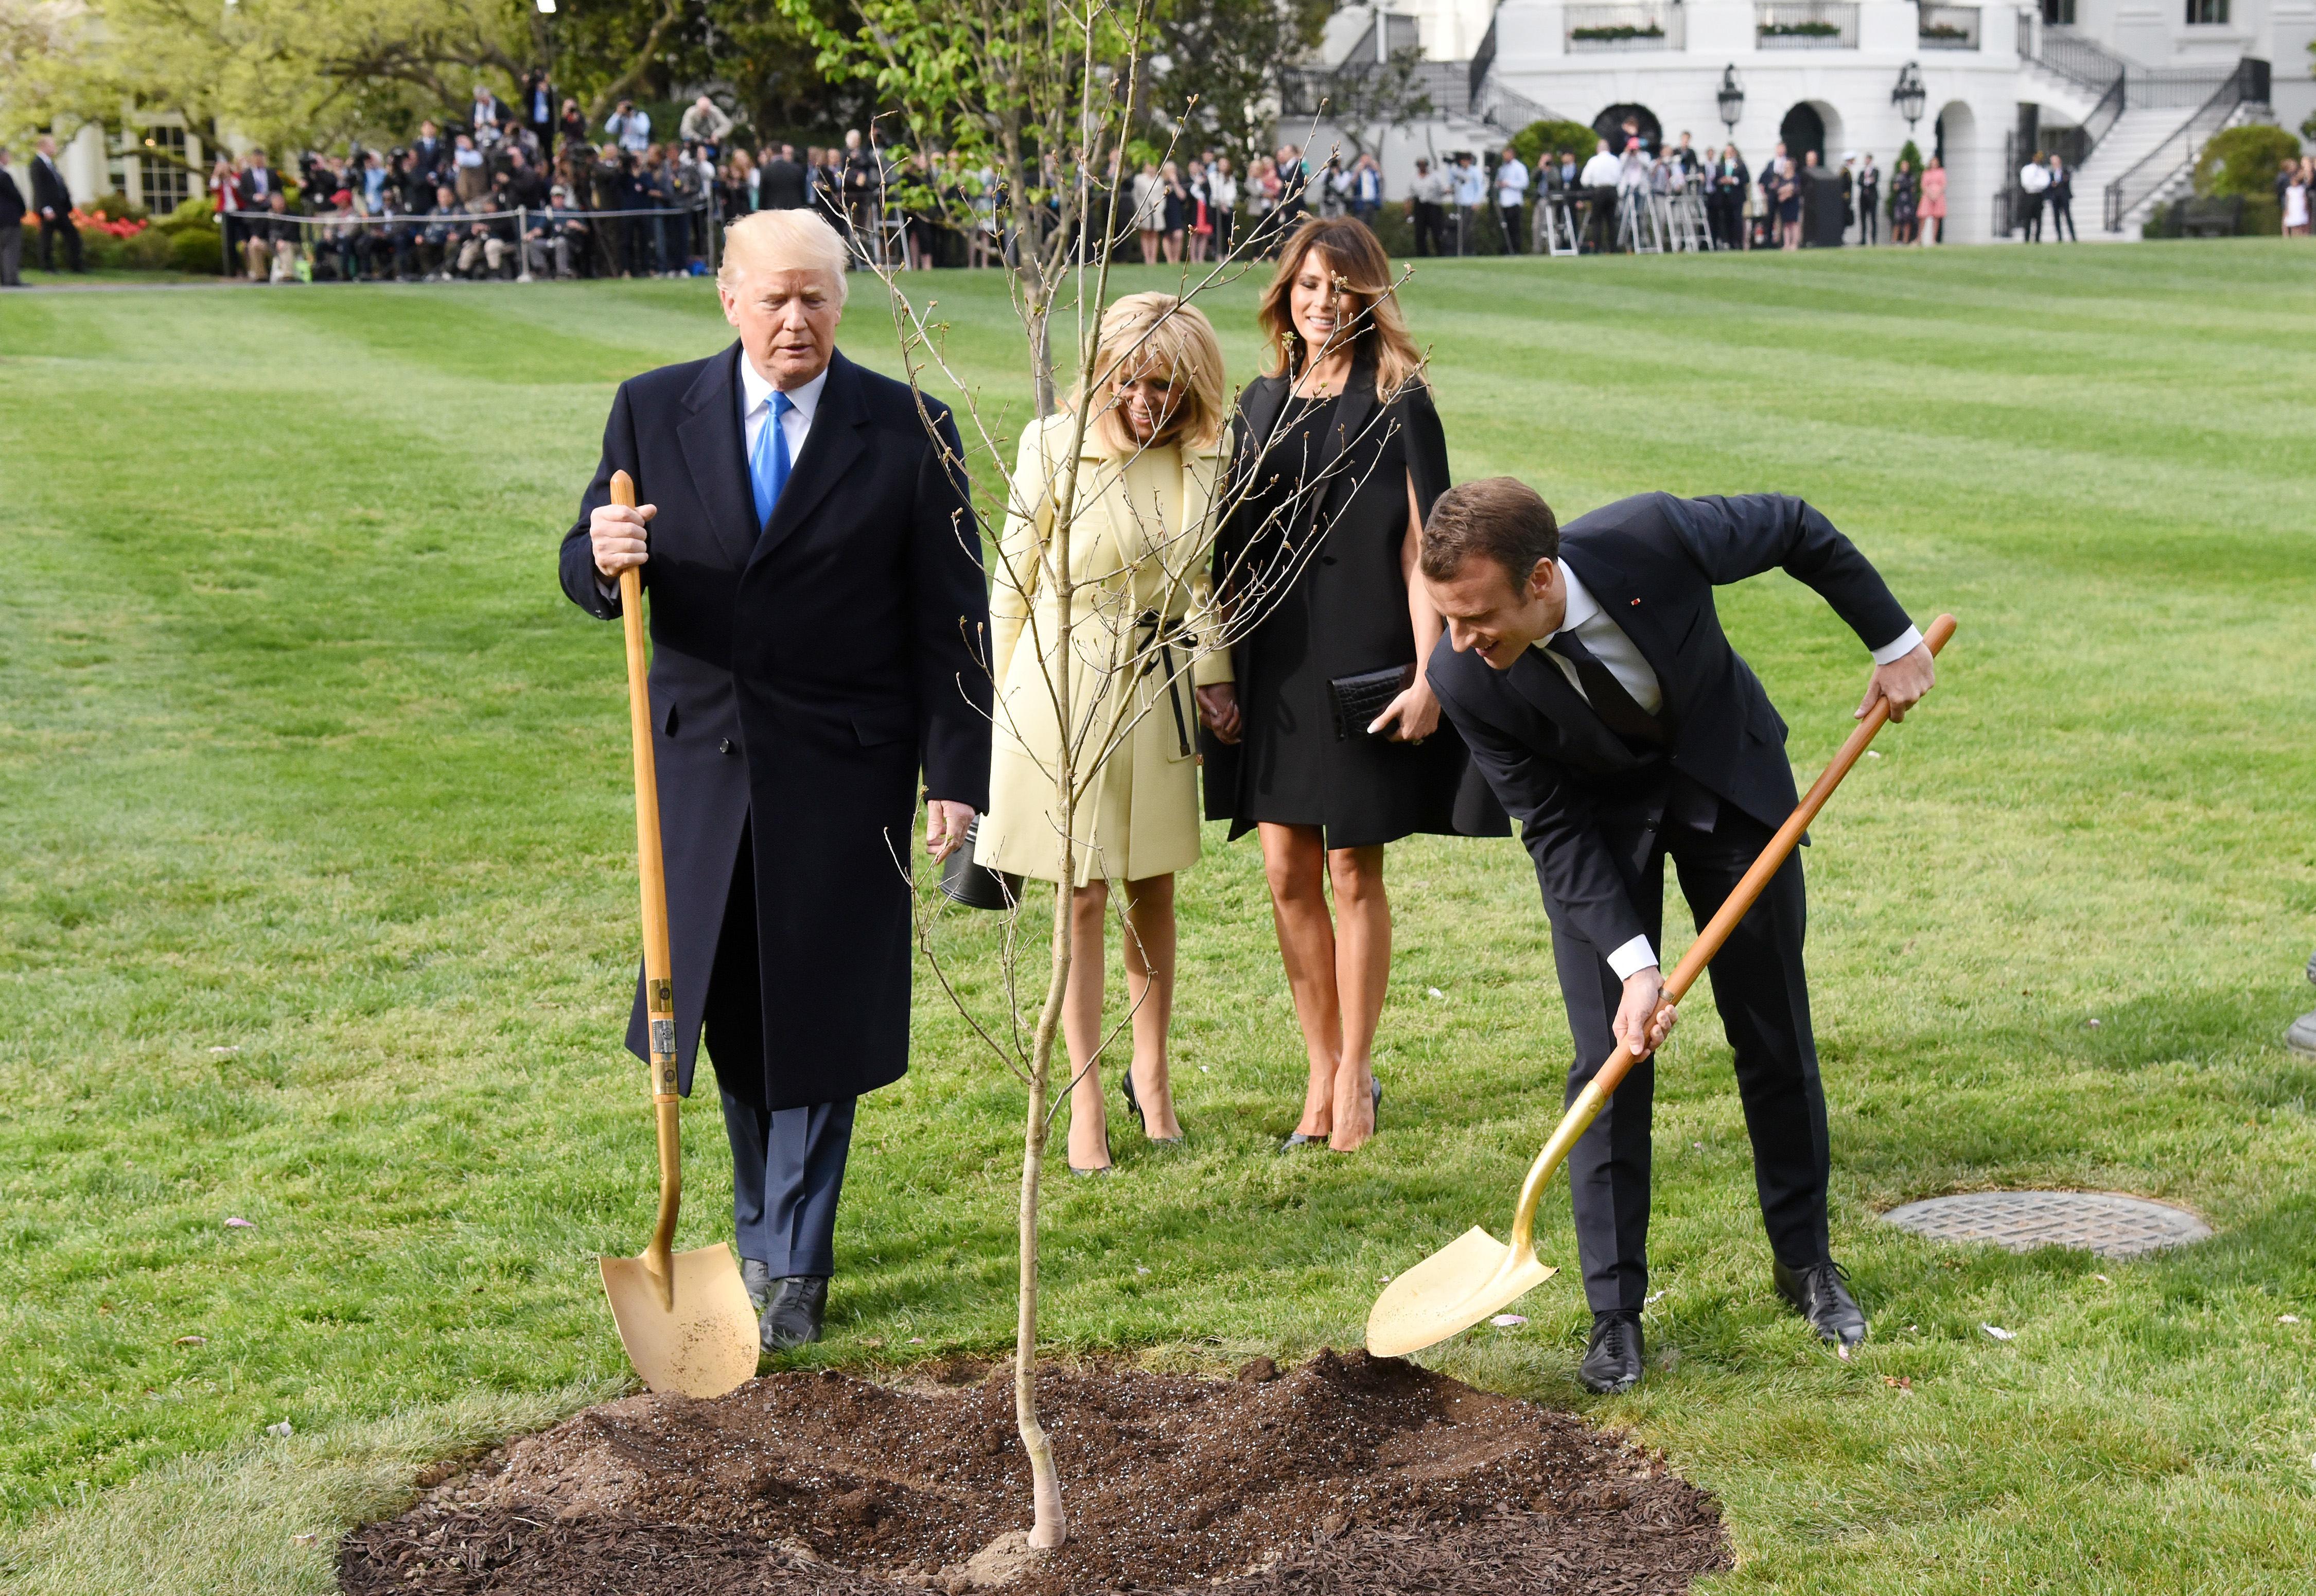 Gestul surprinzător făcut de Macron după ce s-a uscat stejarul plantat alături de Trump pe peluza Casei Albe